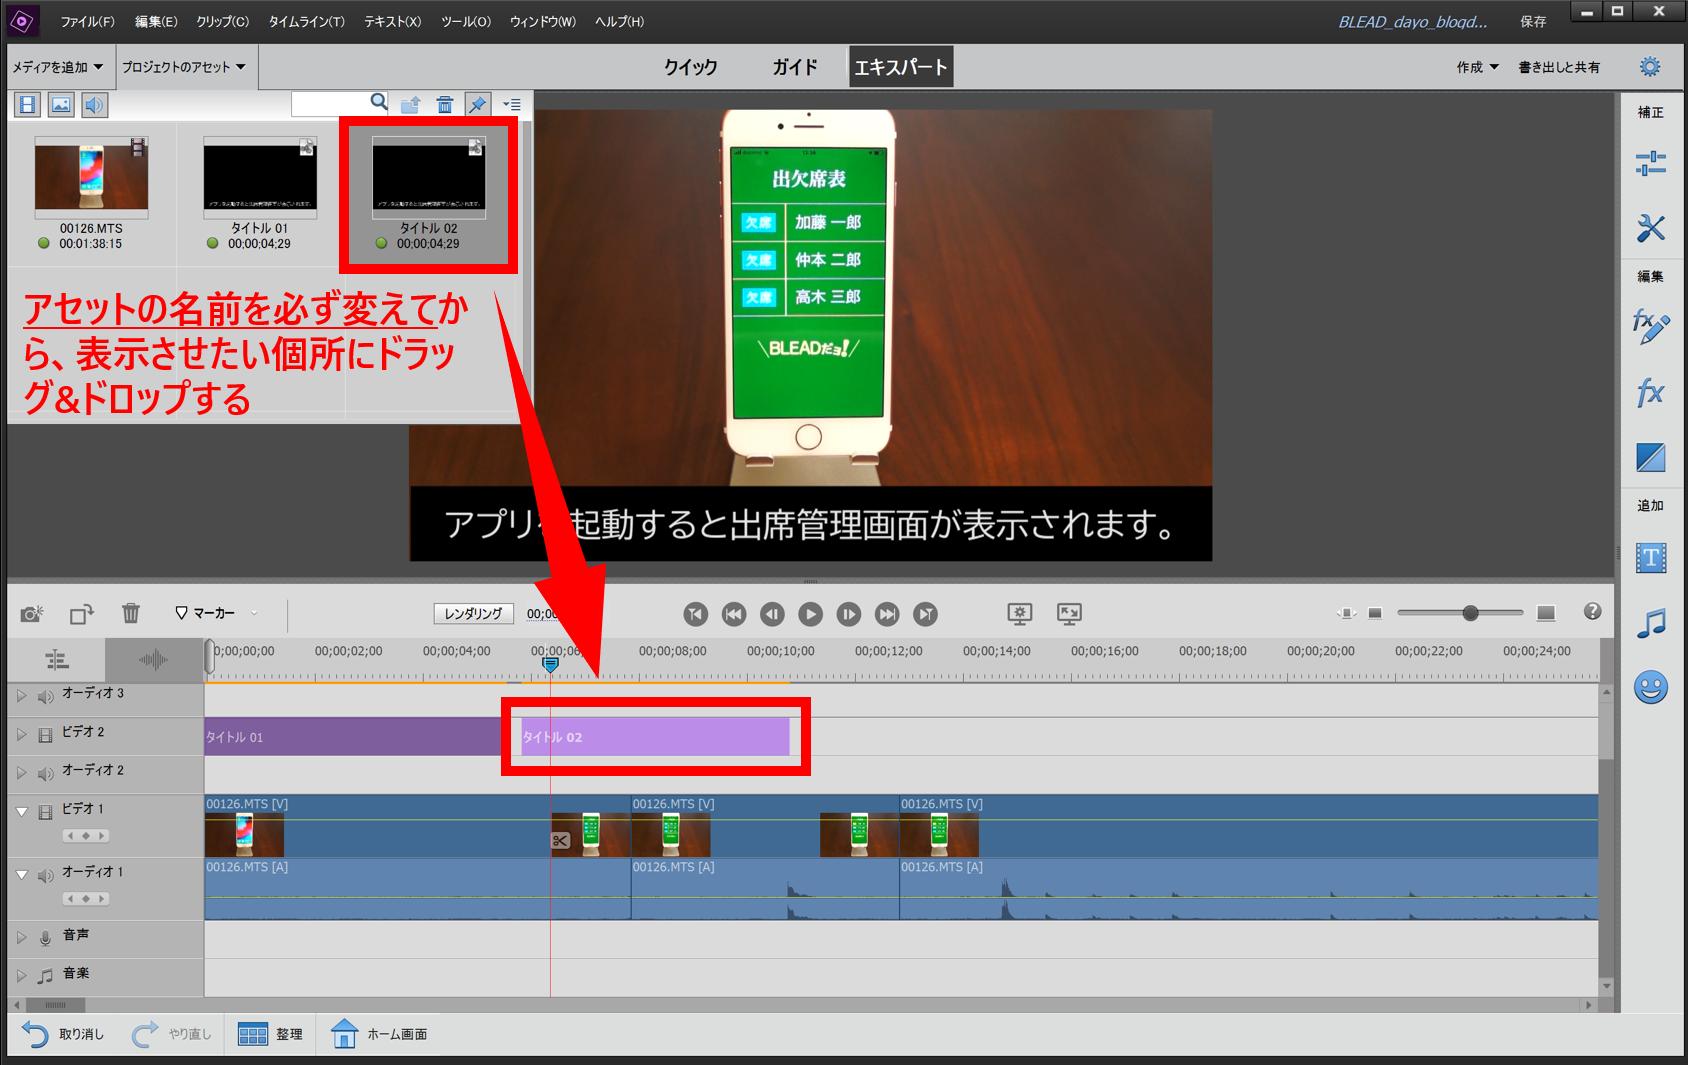 新しく作成した「タイトル 02」のアセットをタイムライン上にドラッグ&ドロップしている画像